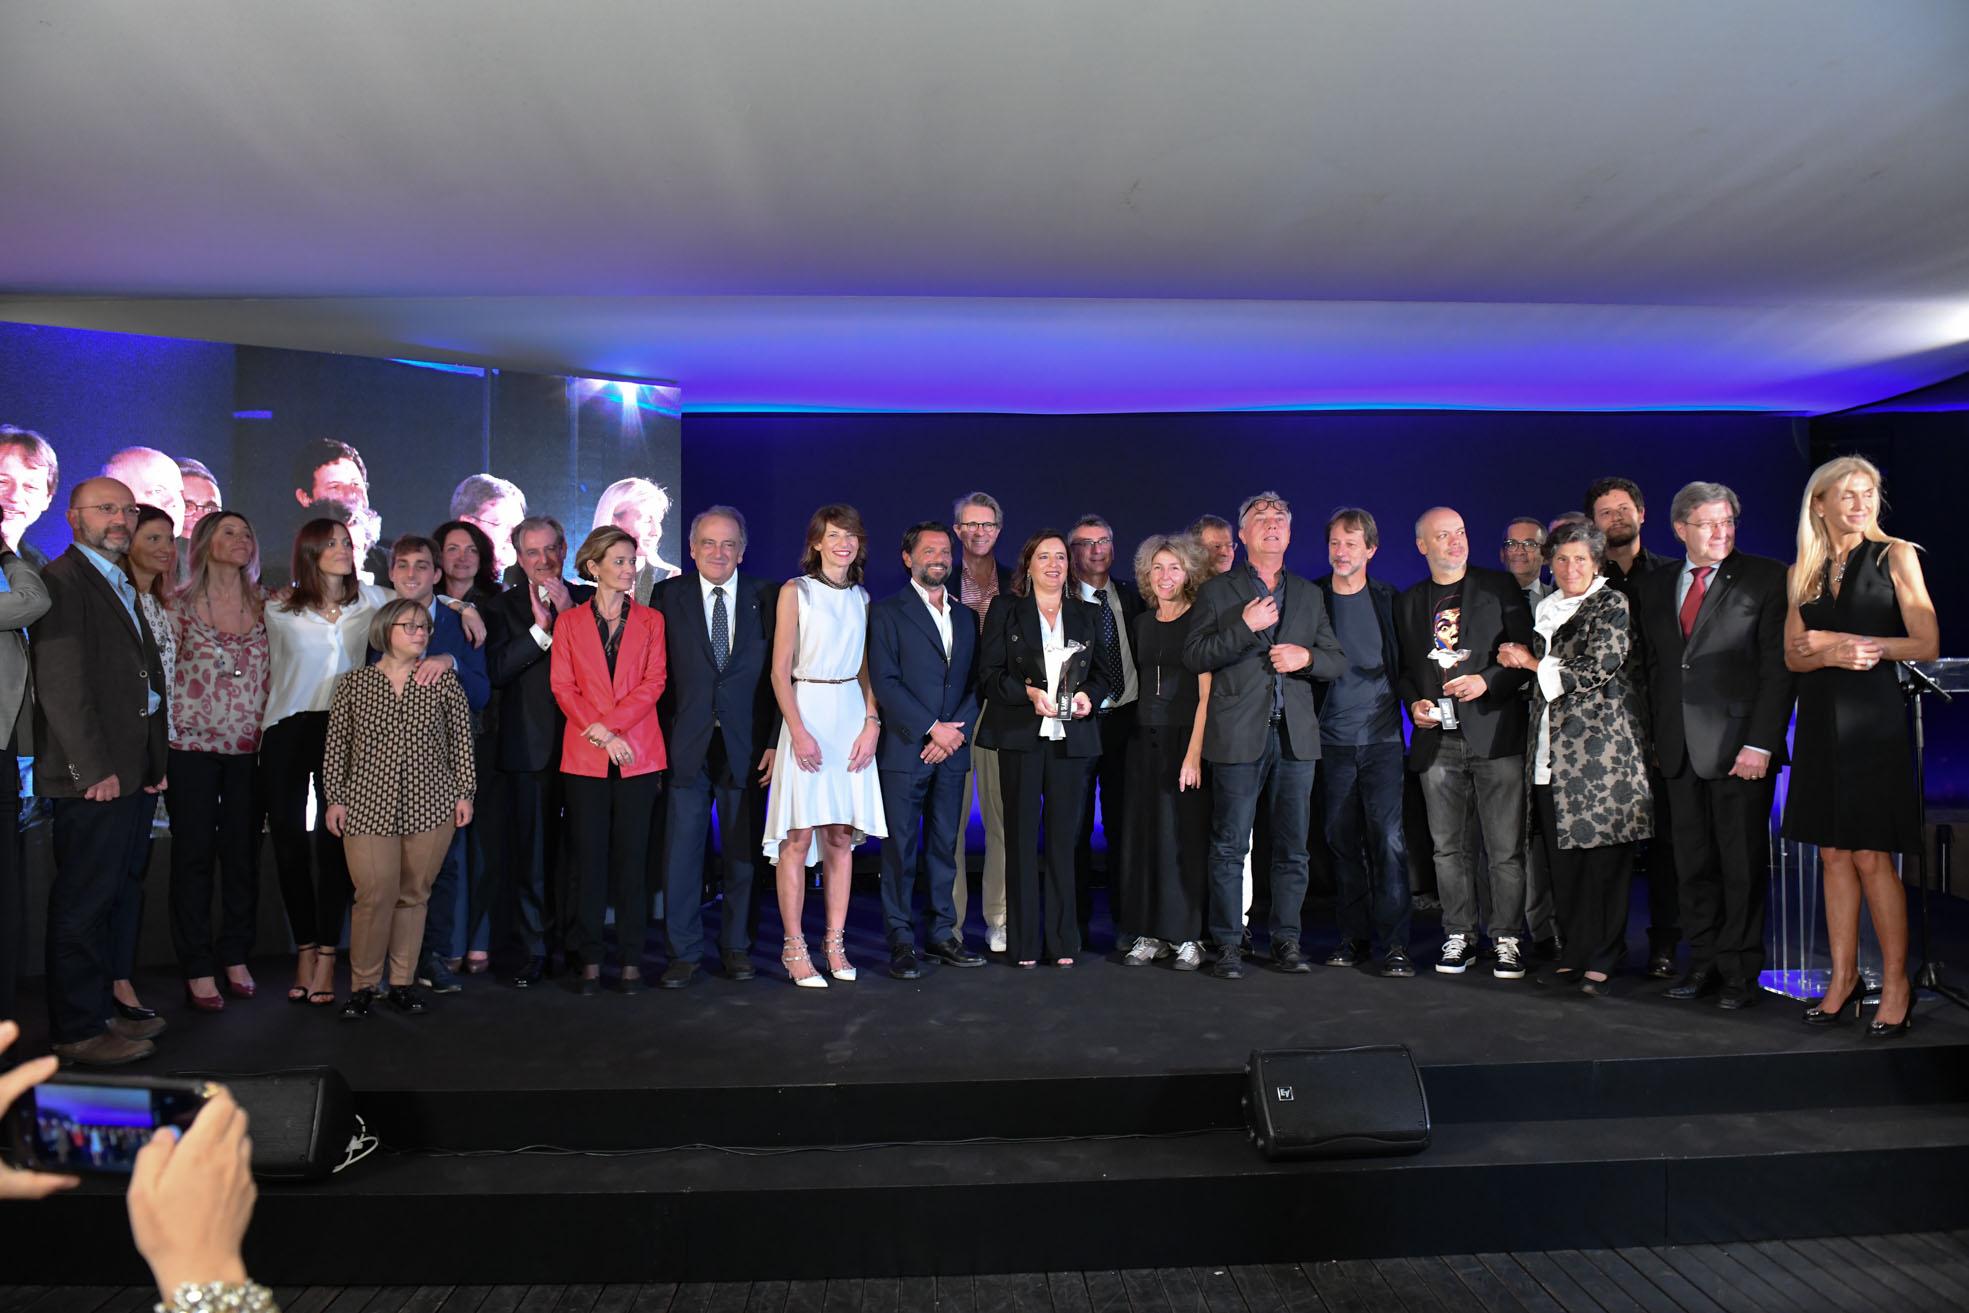 PREMIO ANIMA 2019 - RESOCONTO DELLA XVIII EDIZIONE